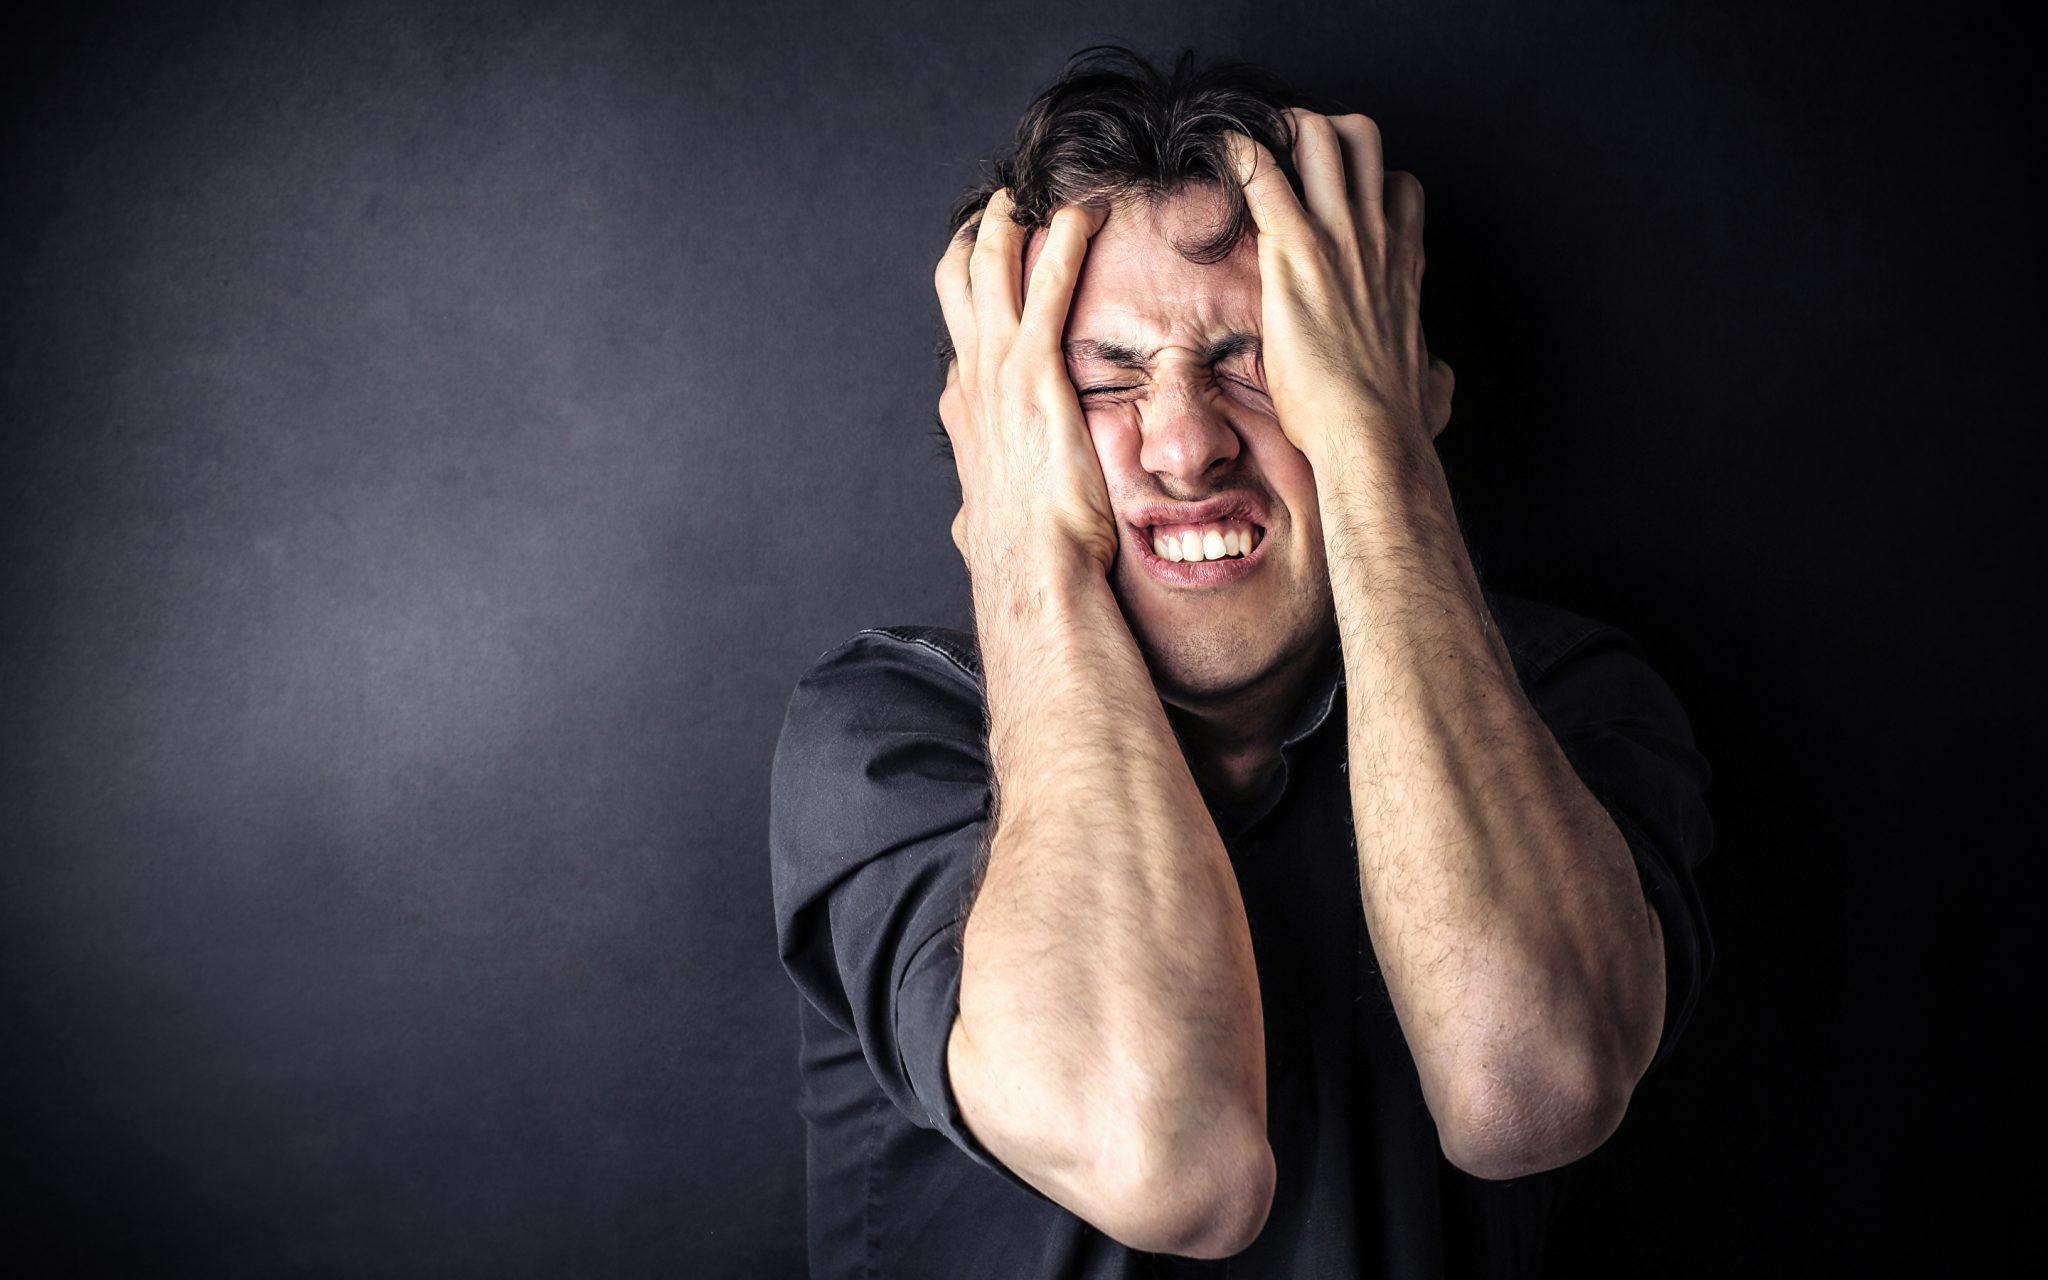 5 frasi pronunciate dalle donne che terrorizzano gli uomini